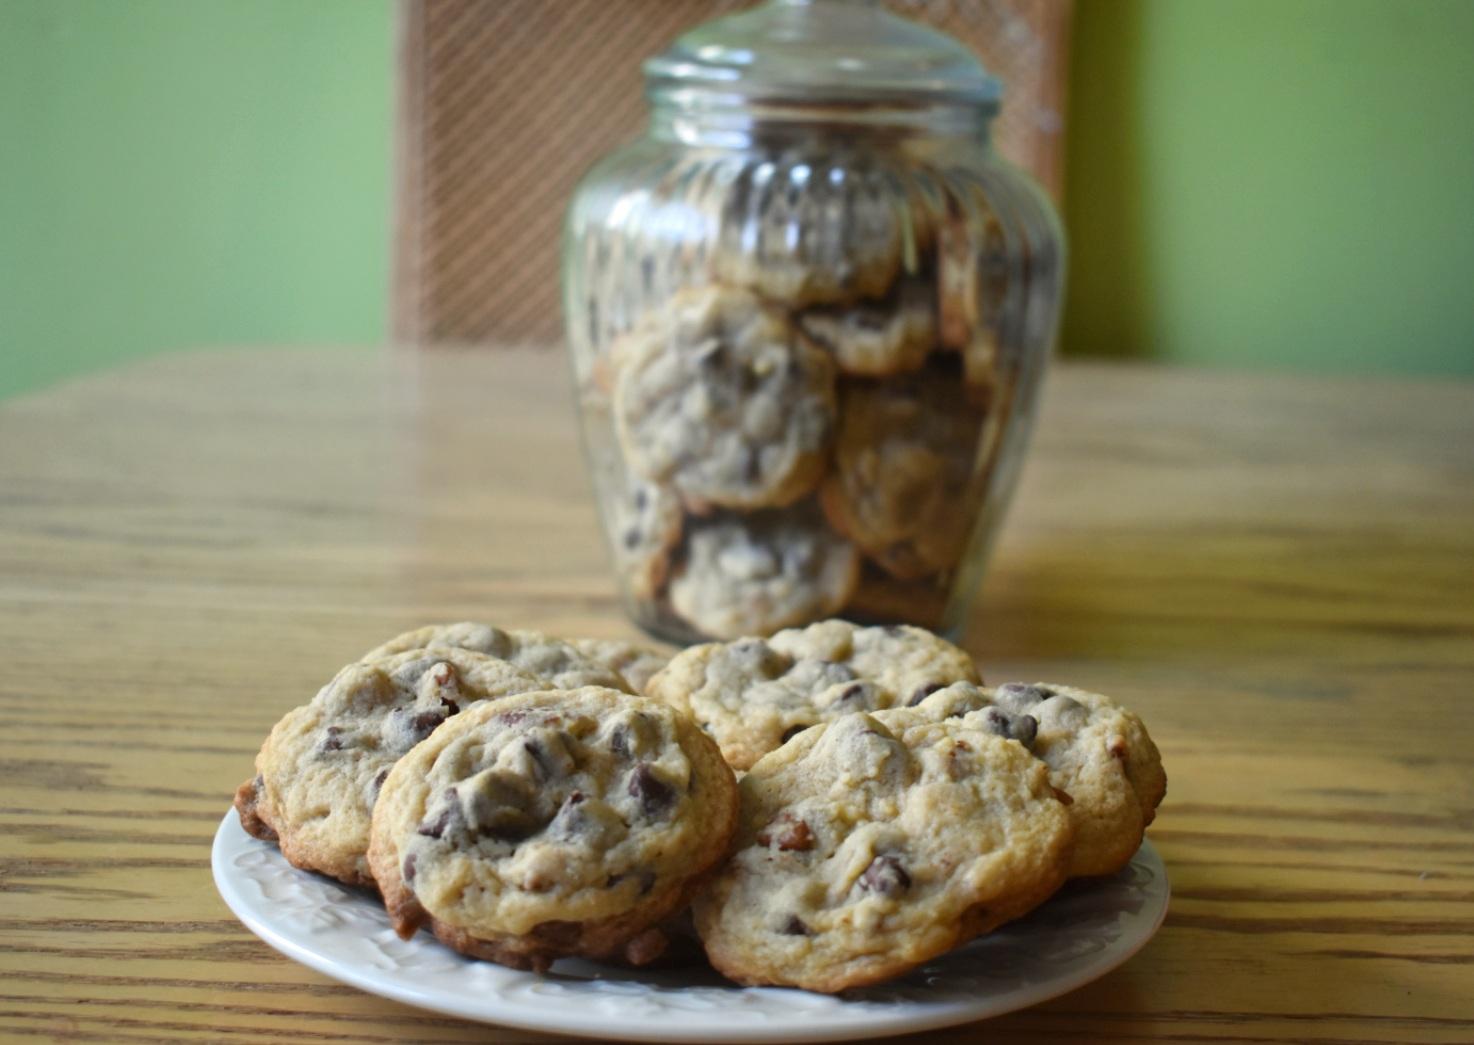 Biscuits aux brisures de chocolat et pacanes - Auboutdelalangue.com (8)